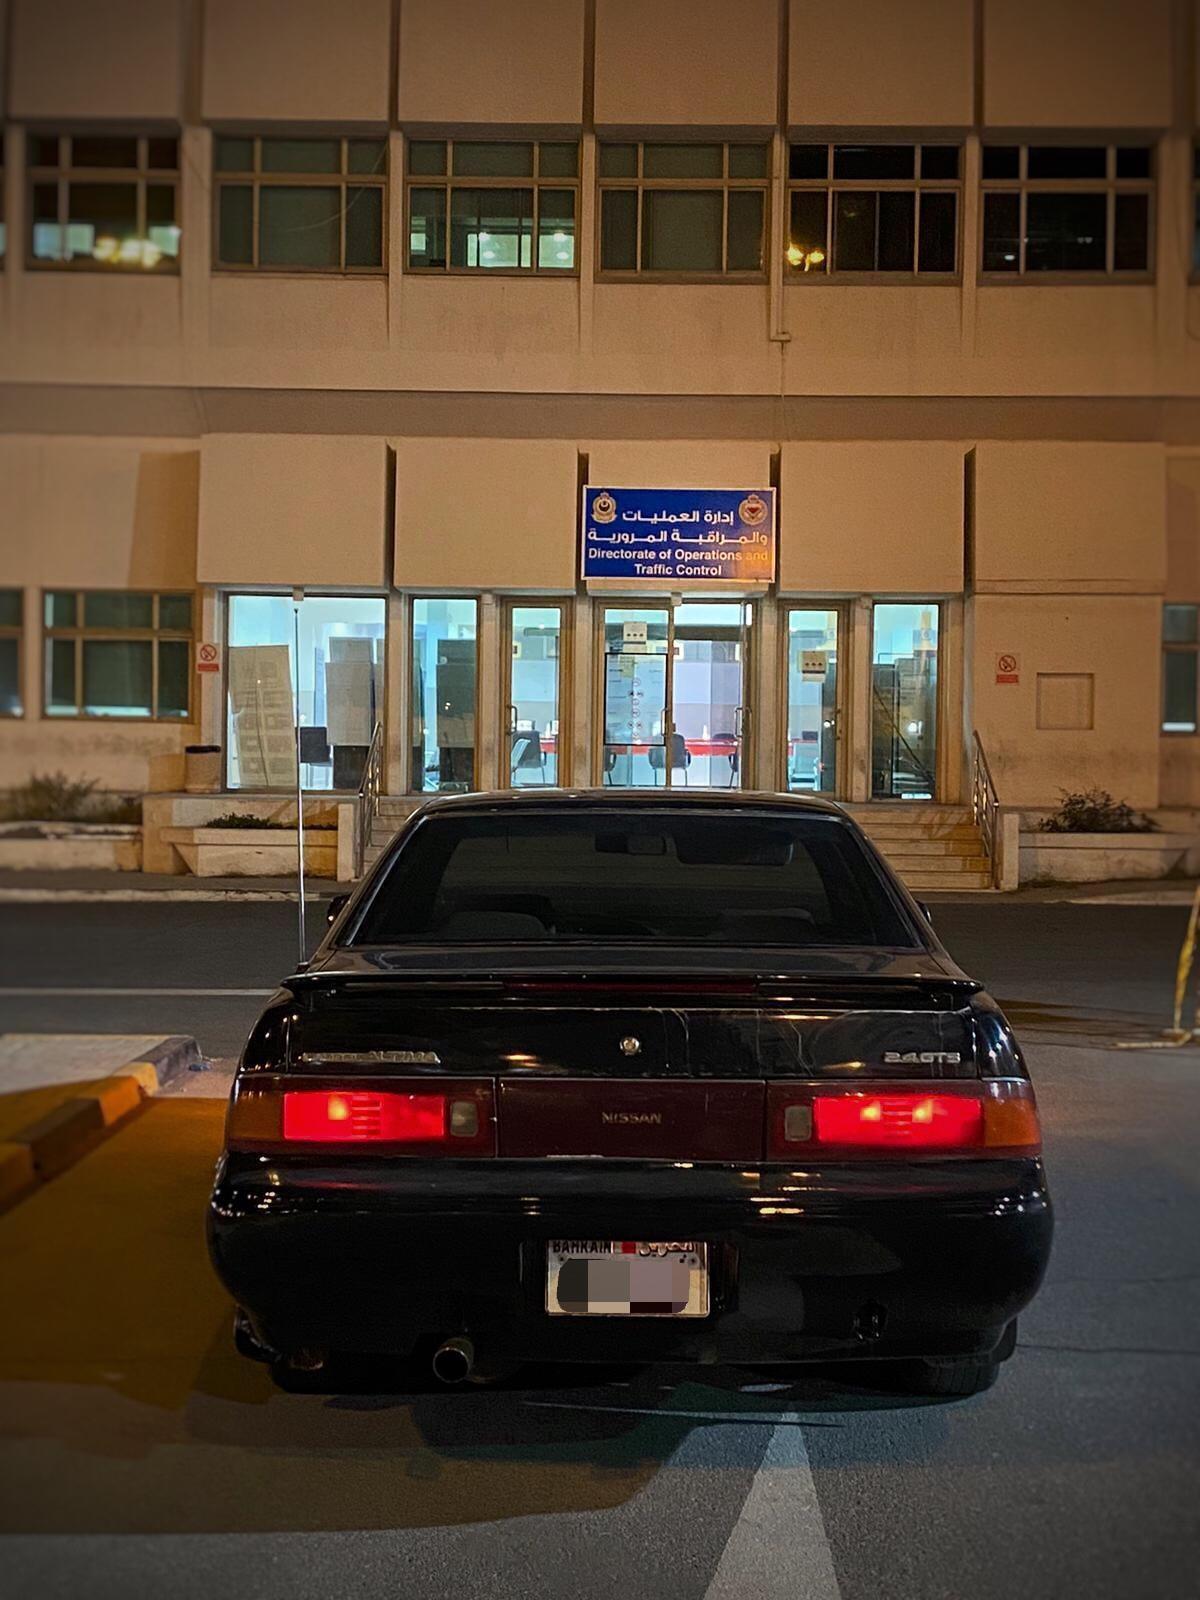 الإدارة العامة للمرور: ضبط بحريني  وحجز مركبته إثر قيامه بالاستعراض بها في مدينة سلمان